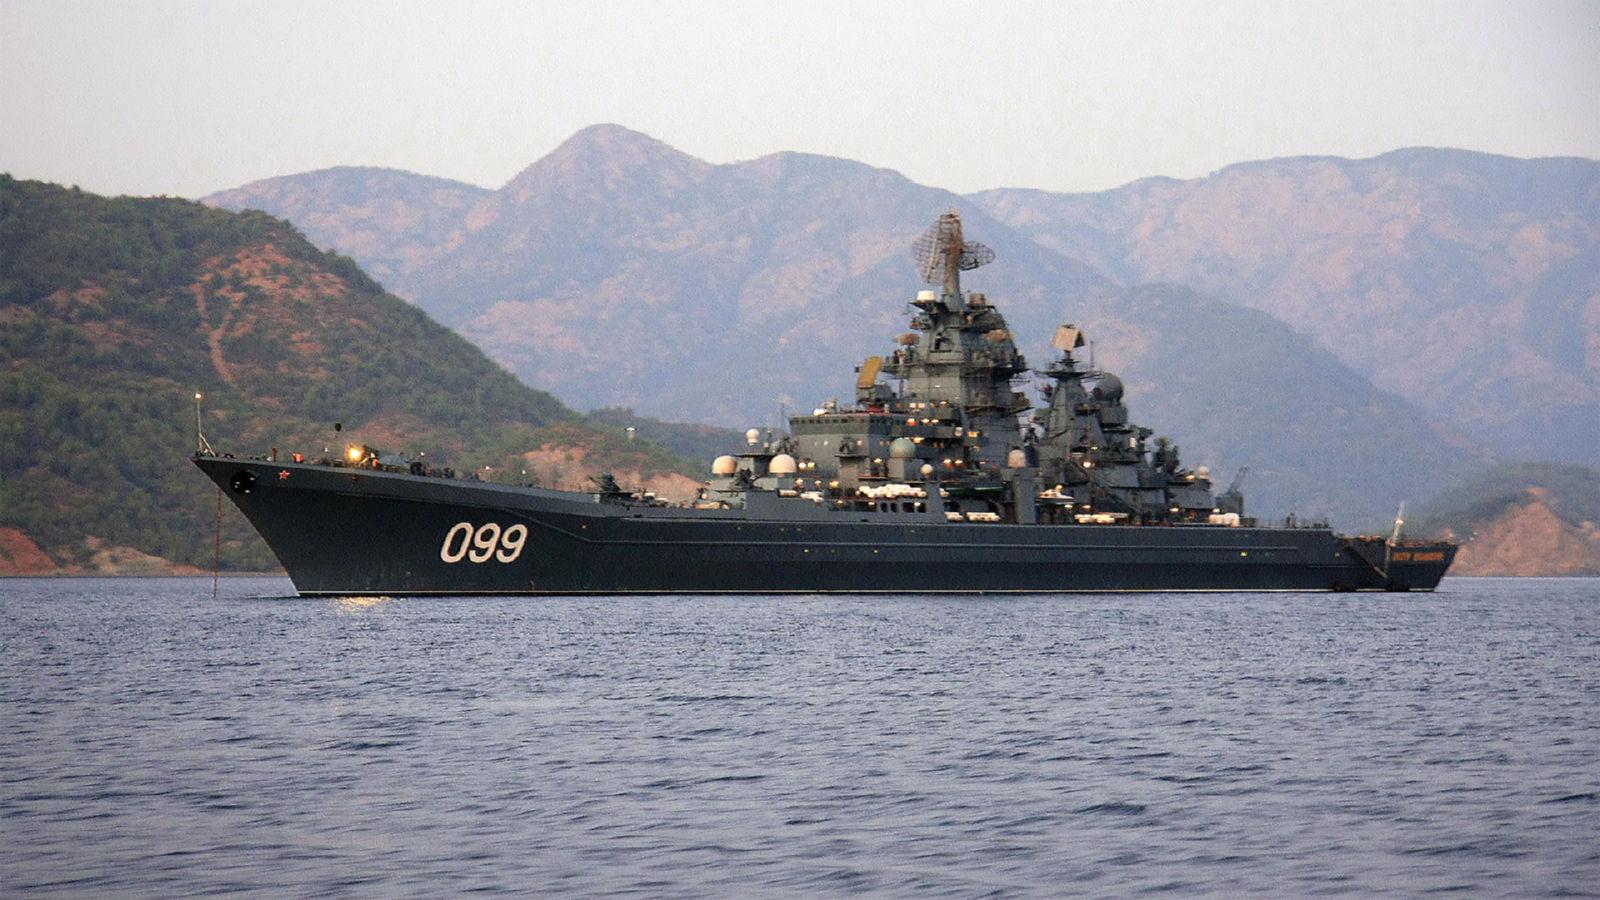 ロシア海軍の重原子力ロケット巡...